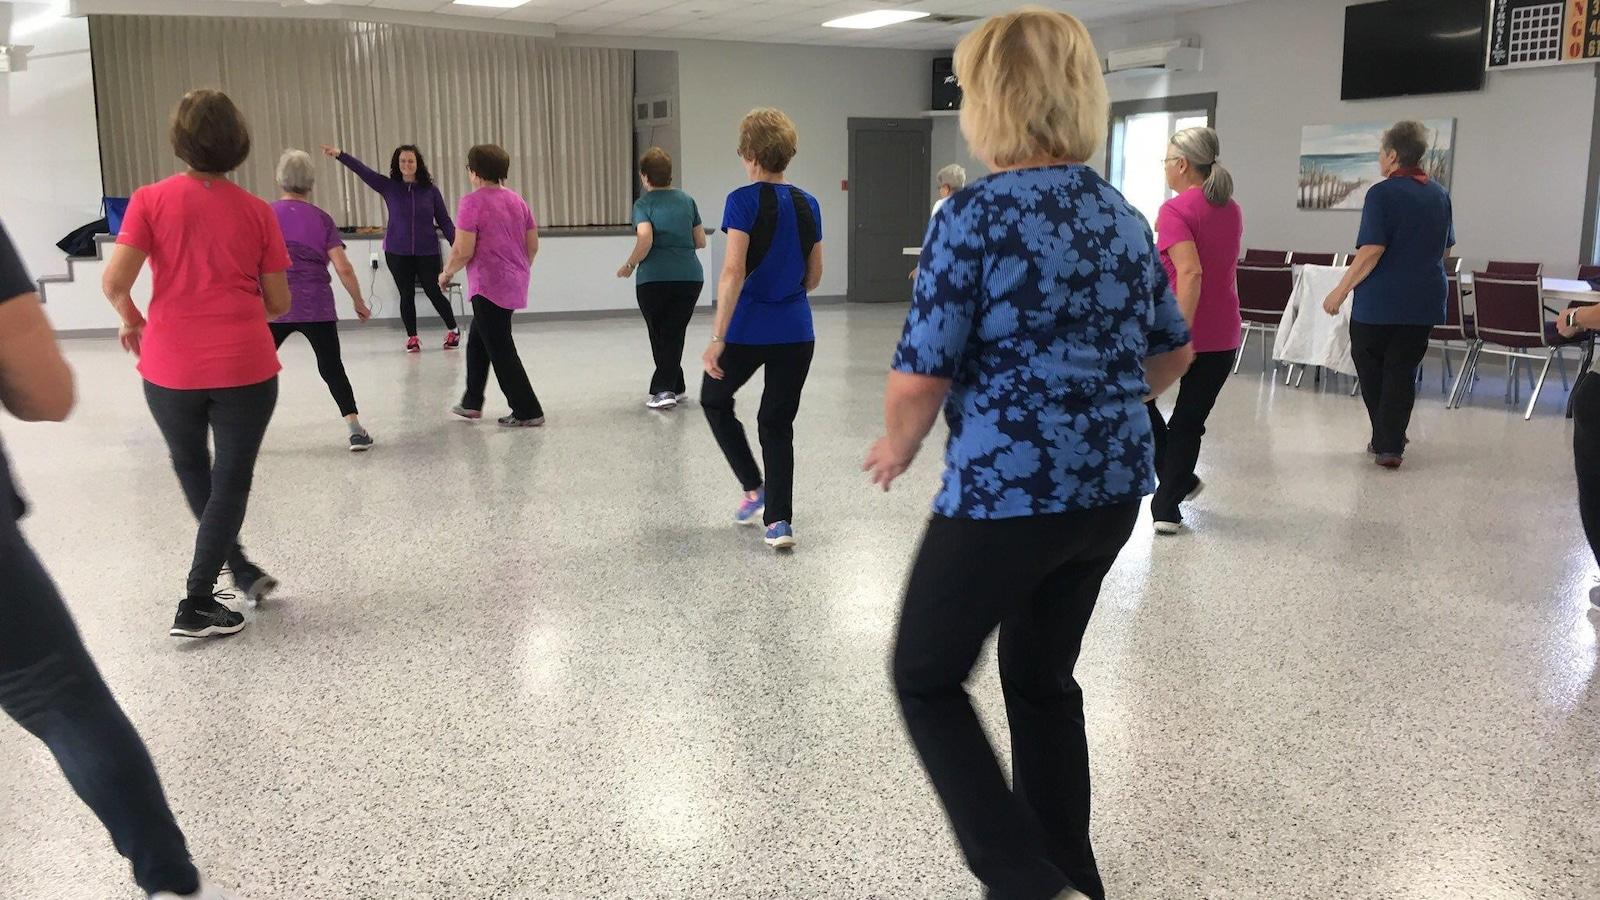 Groupe de femmes participant à une session d'activités physiques